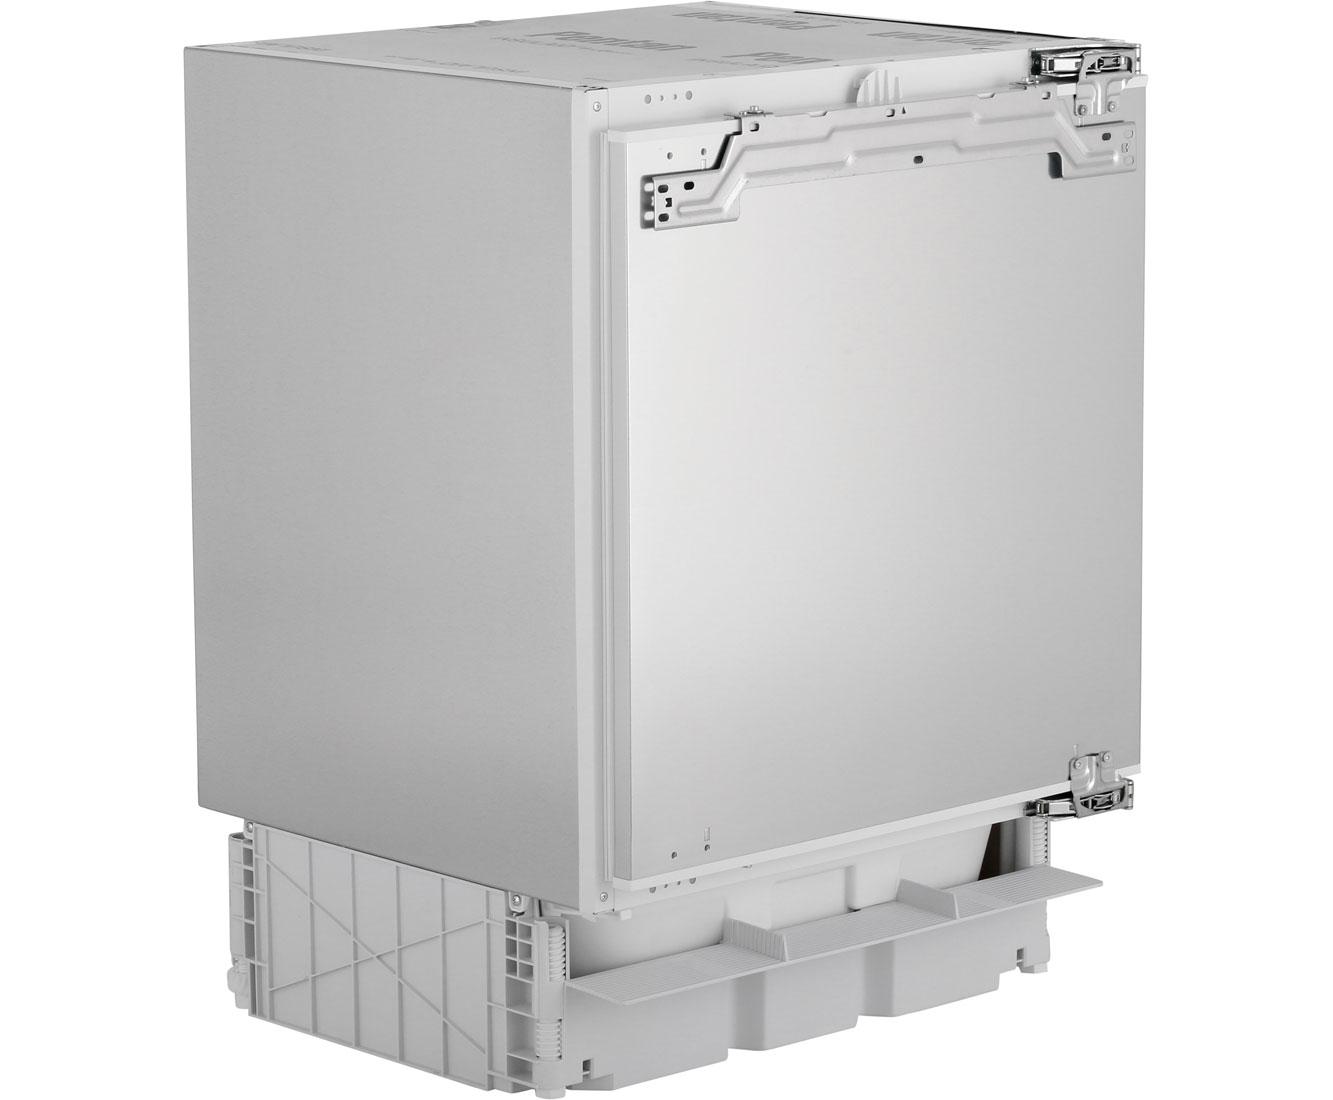 Siemens Unterbau Kühlschrank Mit Gefrierfach : Unterbau kühlschrank mit gefrierfach gorgeous kühlschrank